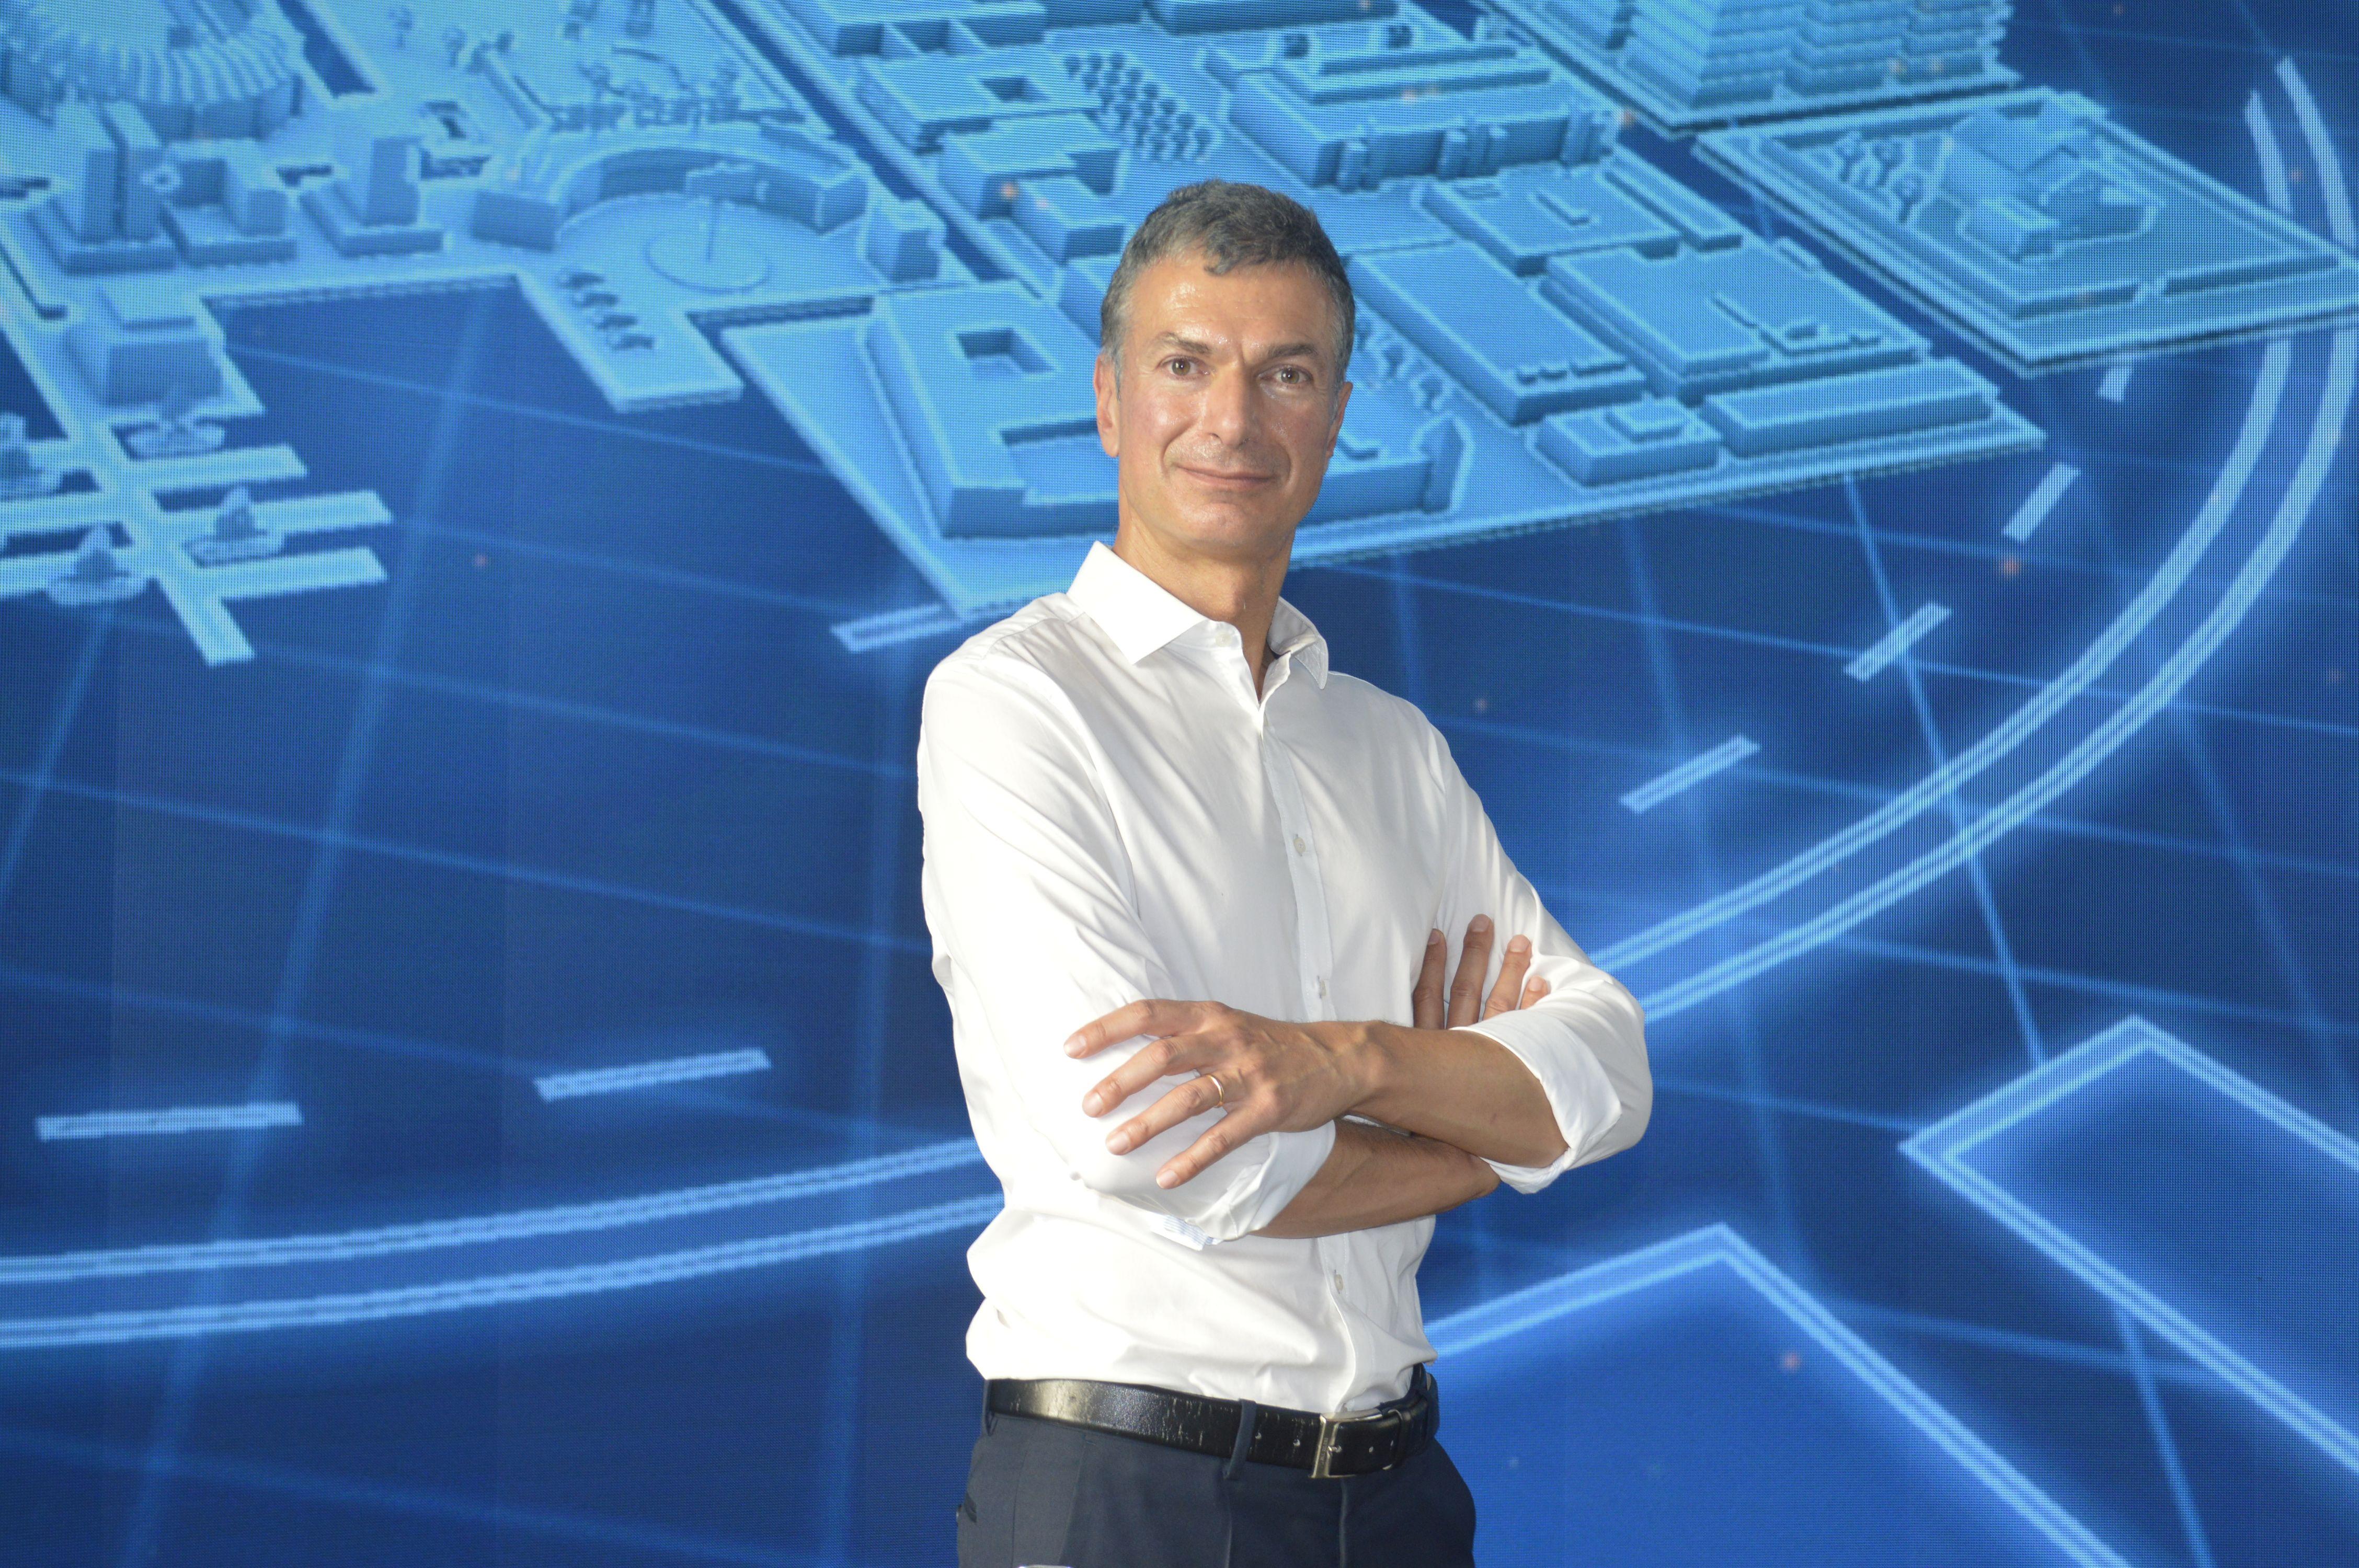 Riccardo Campagna, Senior Manager Bosch Sensortec Italia